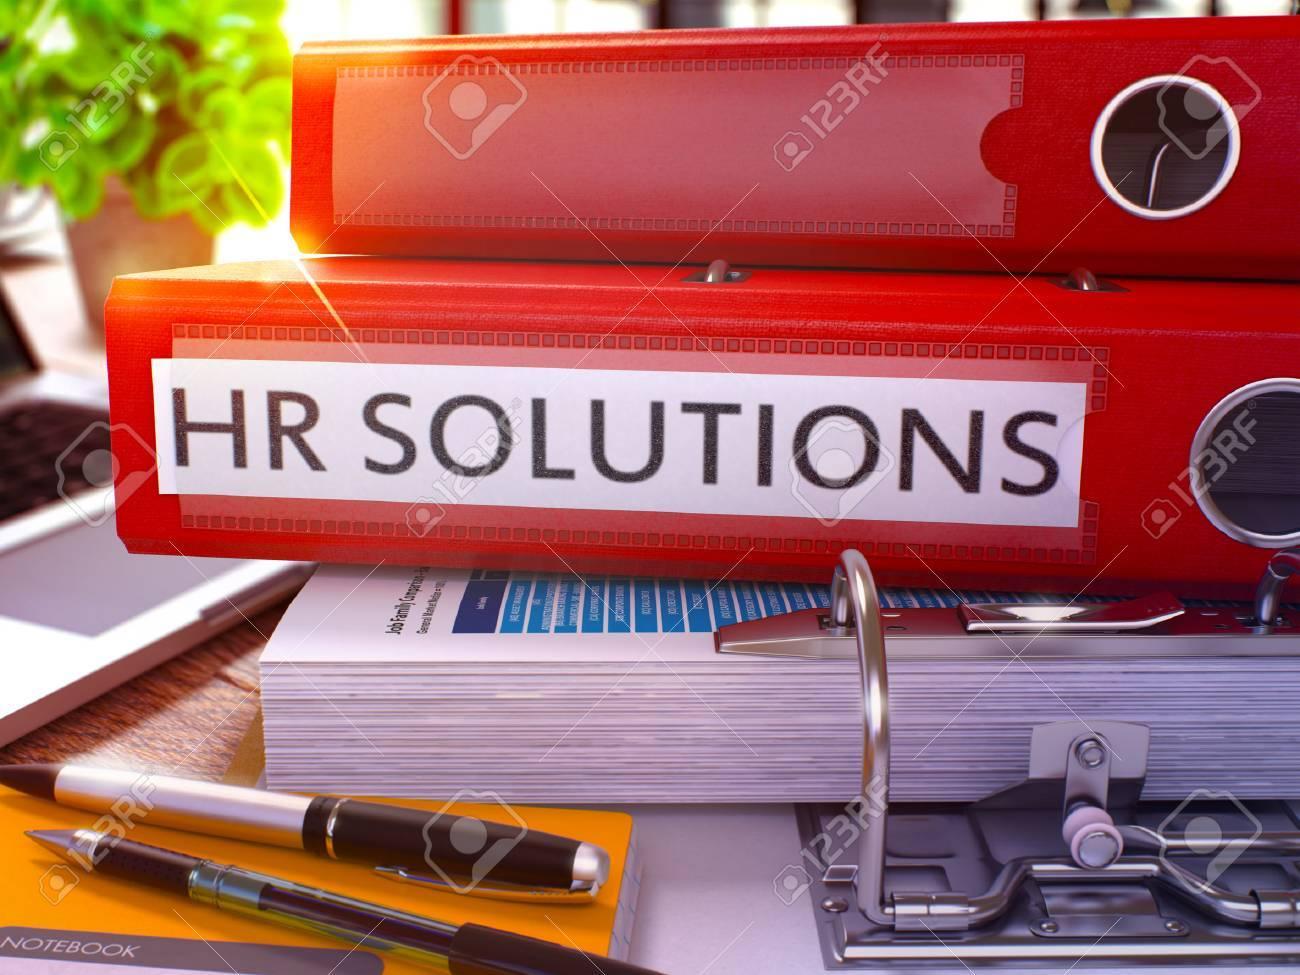 Red Ring Binder mit Beschriftung HR - Human Resource - Lösungen auf den Hintergrund der Arbeitstisch mit Büromaterial und Laptop. HR Solutions Business-Konzept auf unscharfen Hintergrund. 3D übertragen. Standard-Bild - 54368311